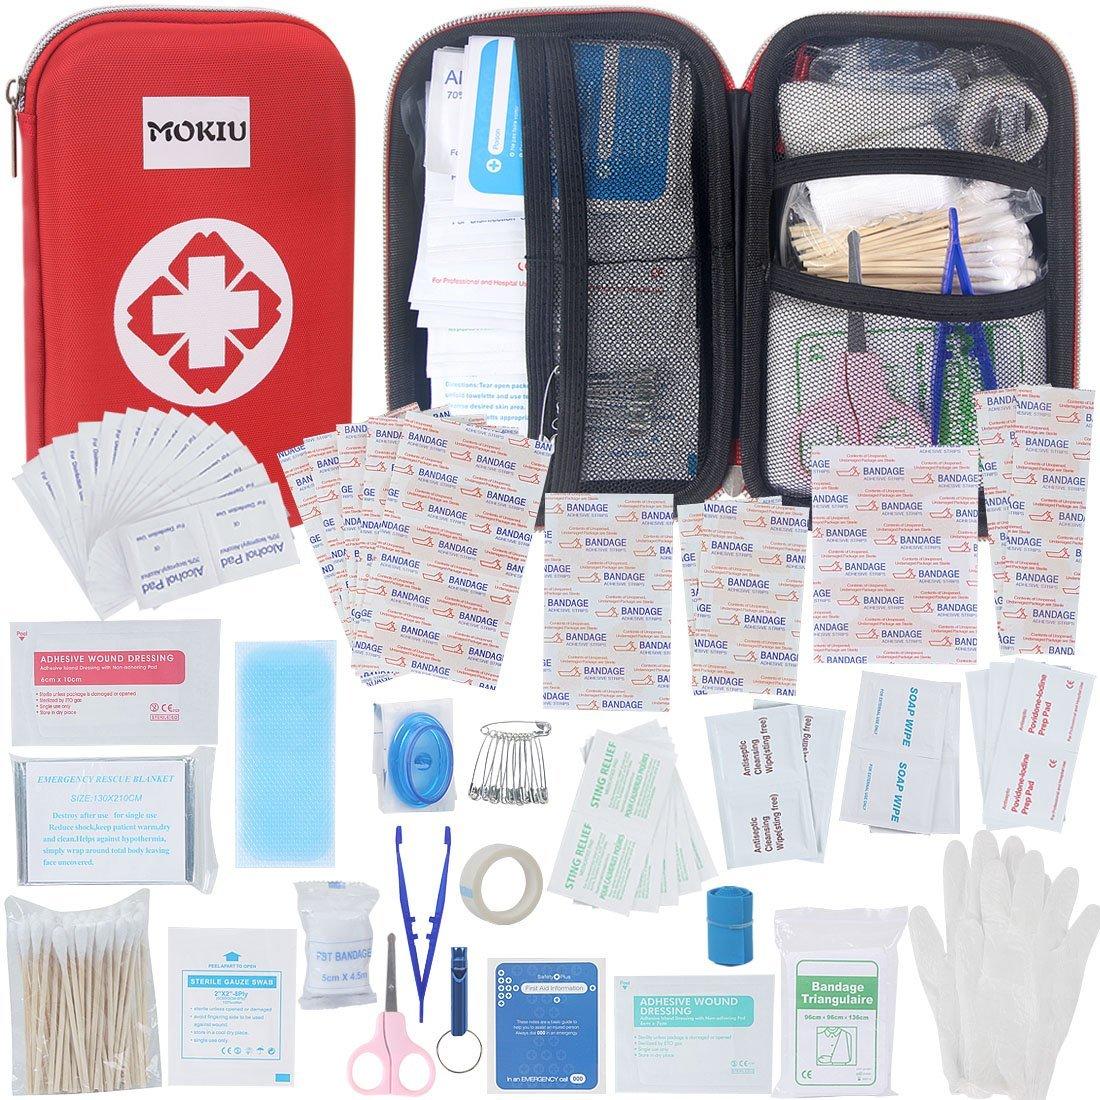 MOKIU Erste Hilfe Set 180-teilig,First Aid Kit Verbandtasche für Familie, Innenraum, Draußen Erste Hilfe, tragbar Wasseredicht und Staubdicht Draußen Erste Hilfe